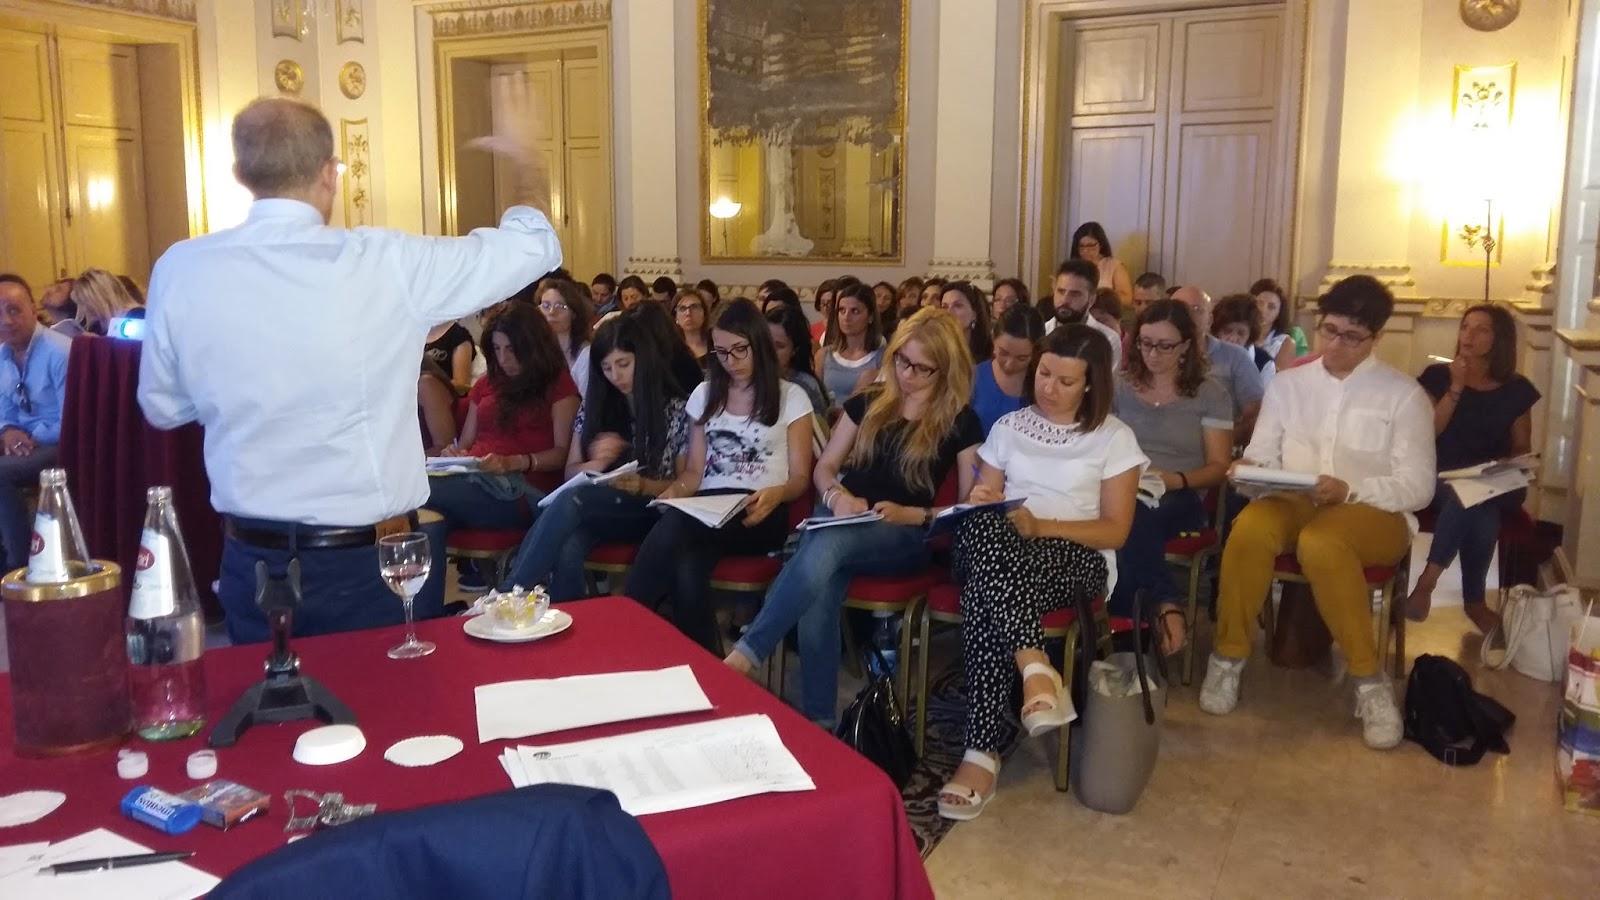 Ufficio Collocamento A Palermo : Palermo 10 giugno 2017 corso docenti in un giorno tre punti per